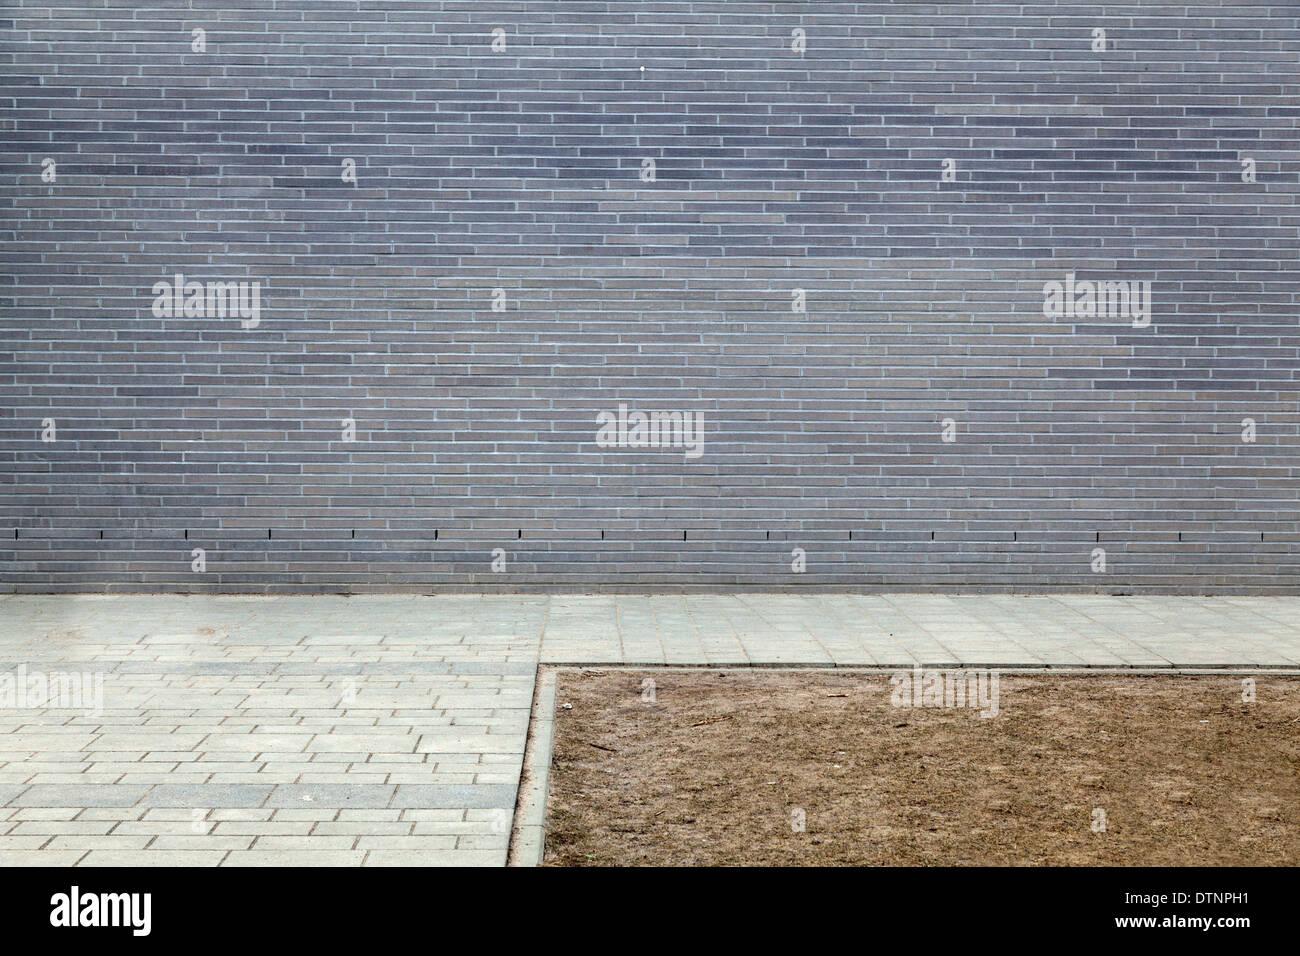 Detail kühler moderner Architektur - Stock Image